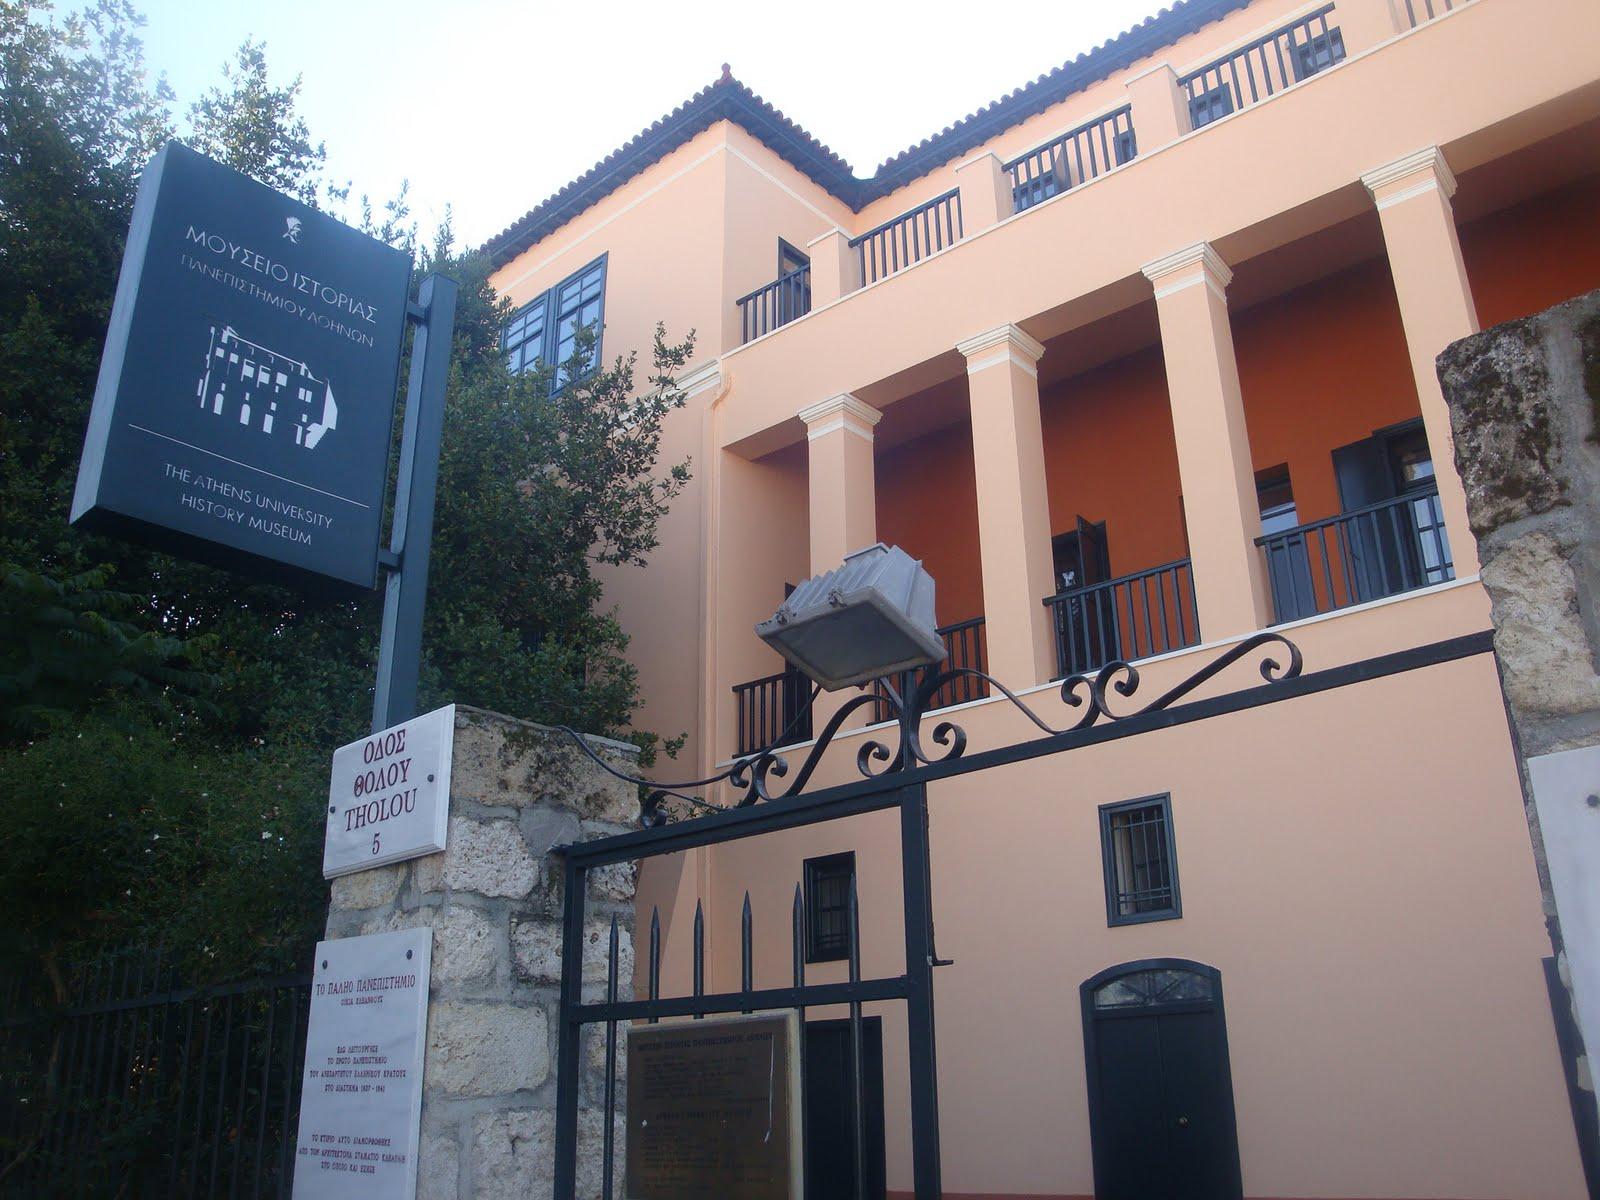 15 μοναδικά όμορφες γωνιές της παλιάς Αθήνας που υπάρχουν ακόμα! 1428264452-271a7124f529b683a8aa5bd6595b1944